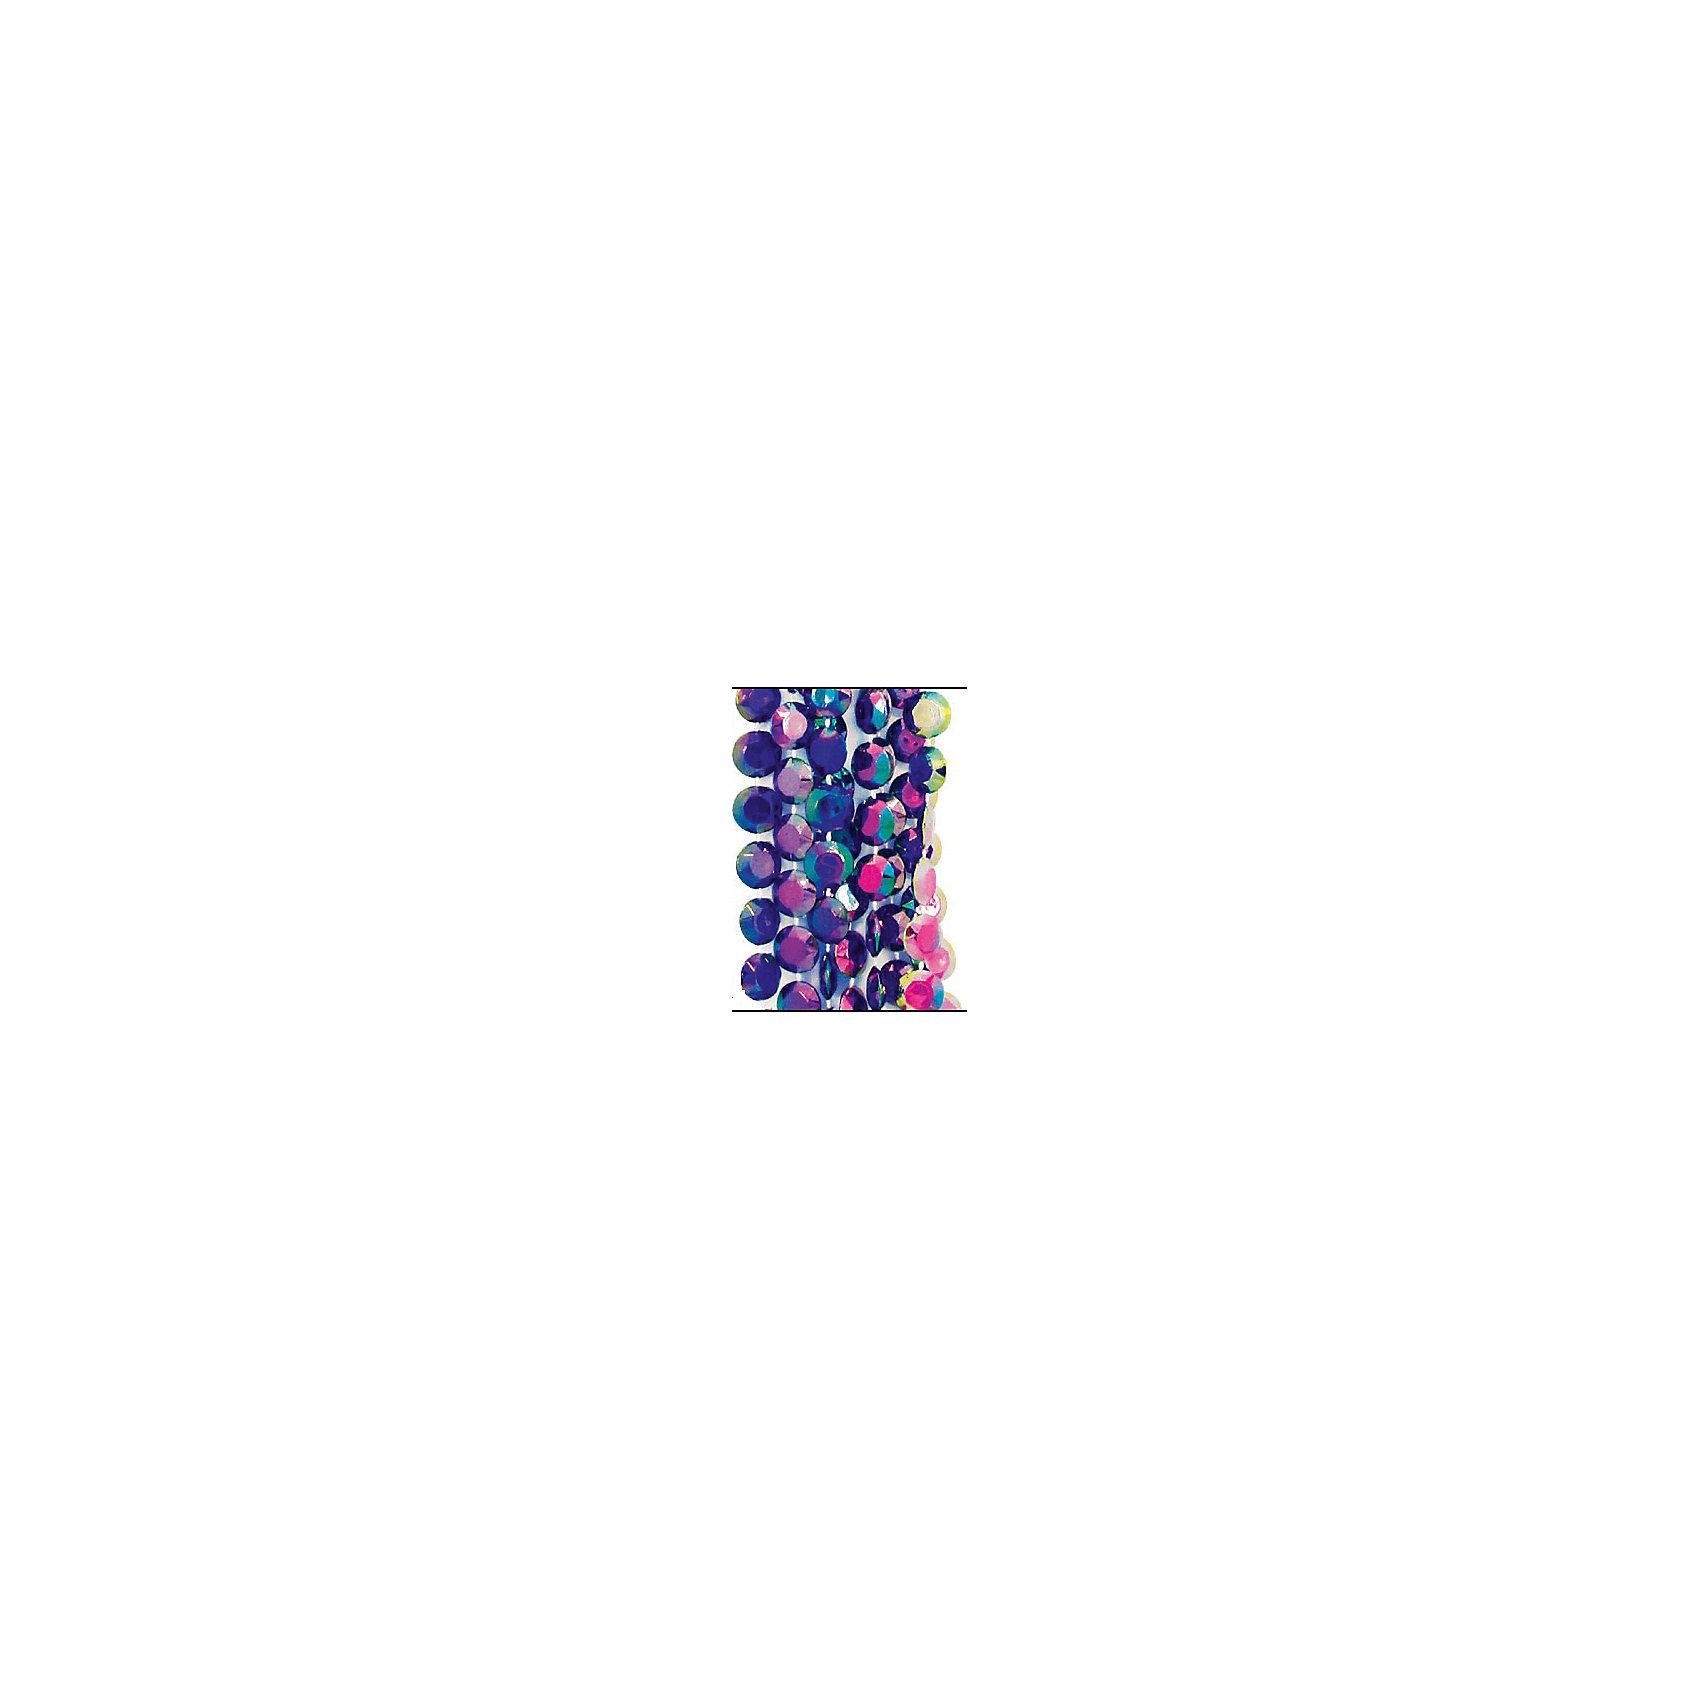 Бусы Диски 2,7 мВсё для праздника<br>Изготовлено из пластмассы. ёл. укр. бусы ДИСКИ 2,7 м, фиол/голуб перл.<br><br>Ширина мм: 120<br>Глубина мм: 10<br>Высота мм: 220<br>Вес г: 100<br>Возраст от месяцев: 36<br>Возраст до месяцев: 2147483647<br>Пол: Унисекс<br>Возраст: Детский<br>SKU: 5101094